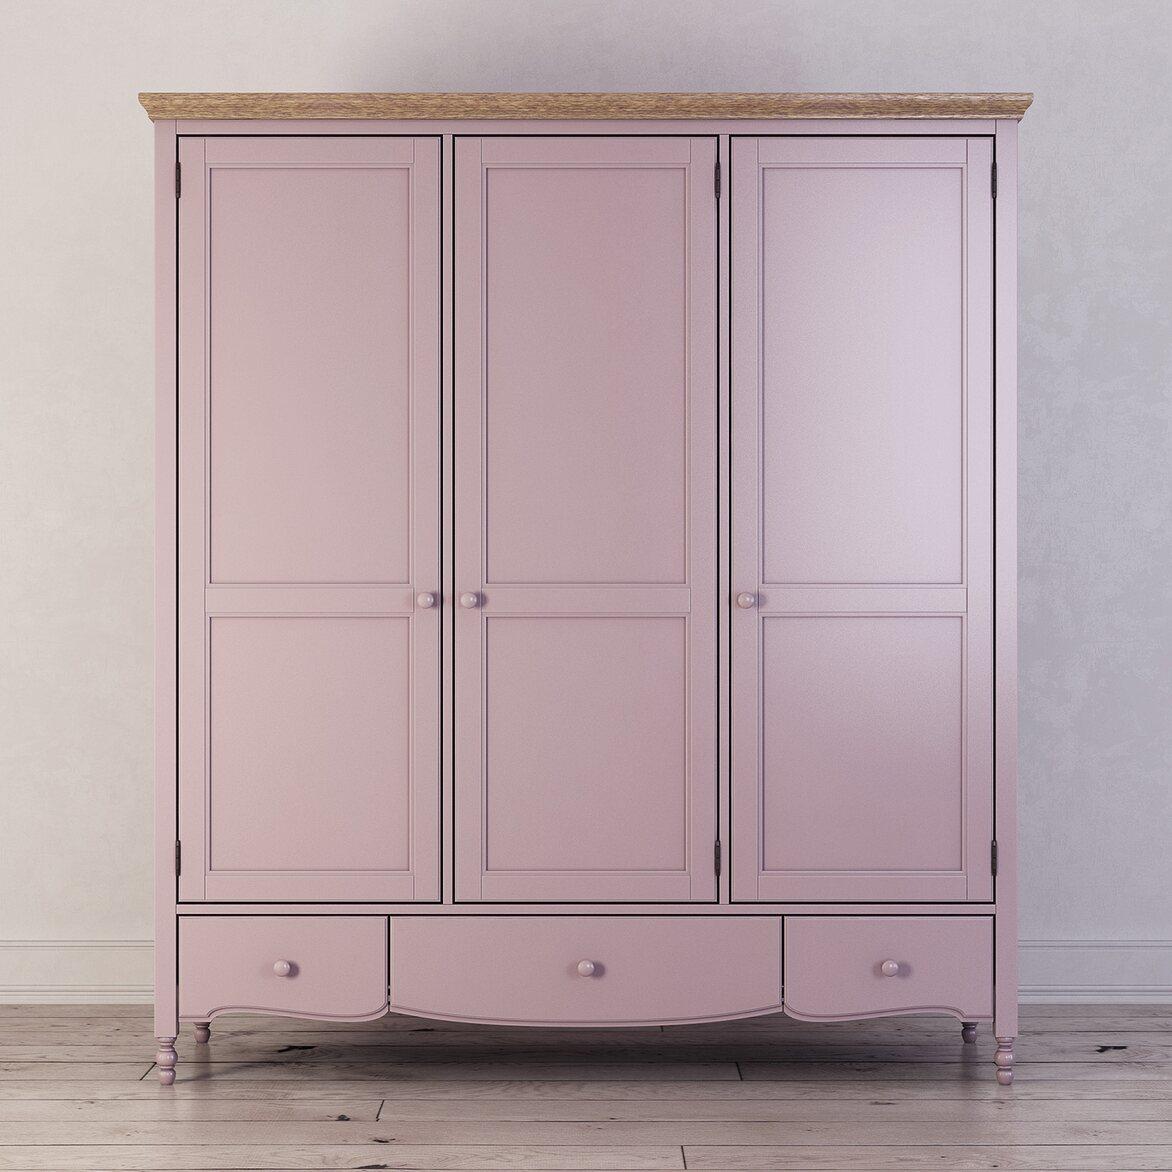 Шкаф трехстворчатый Leblanc, лаванда   Платяные шкафы Kingsby